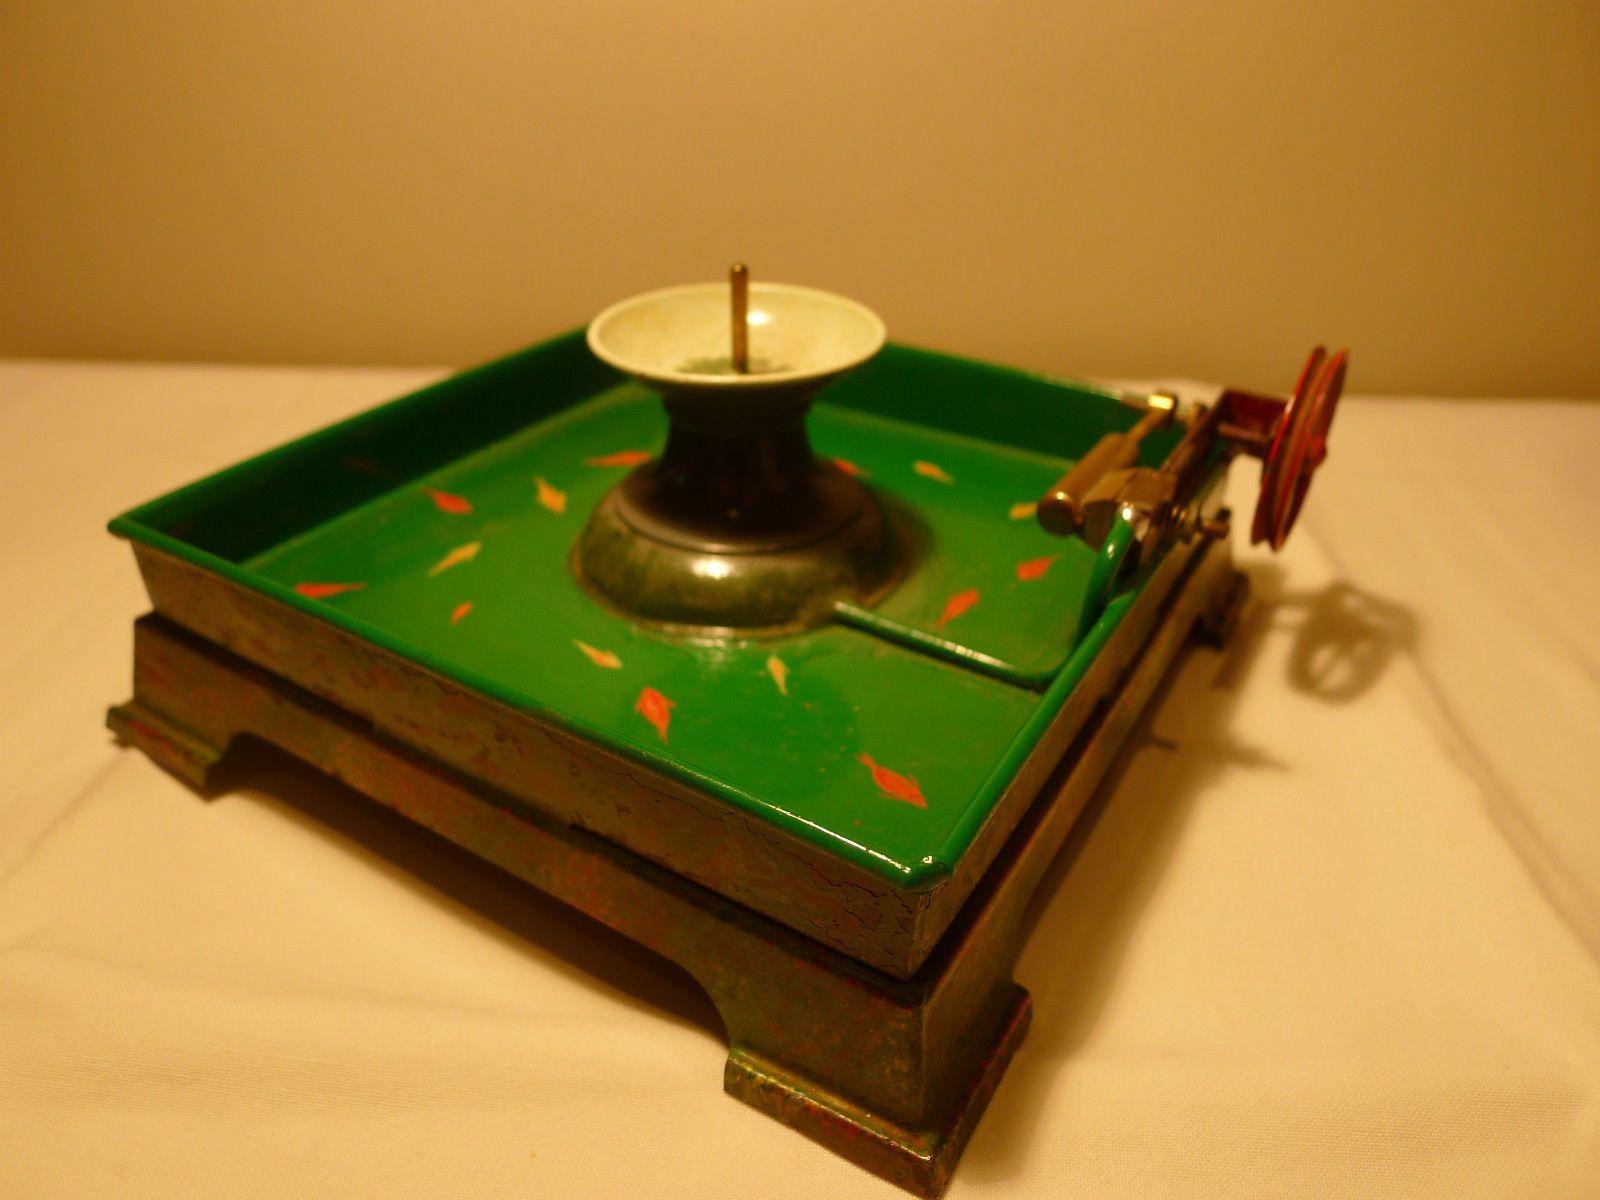 jouet ancien m canique machine vapeur bassin fontaine avec moteur complet ebay jouets. Black Bedroom Furniture Sets. Home Design Ideas